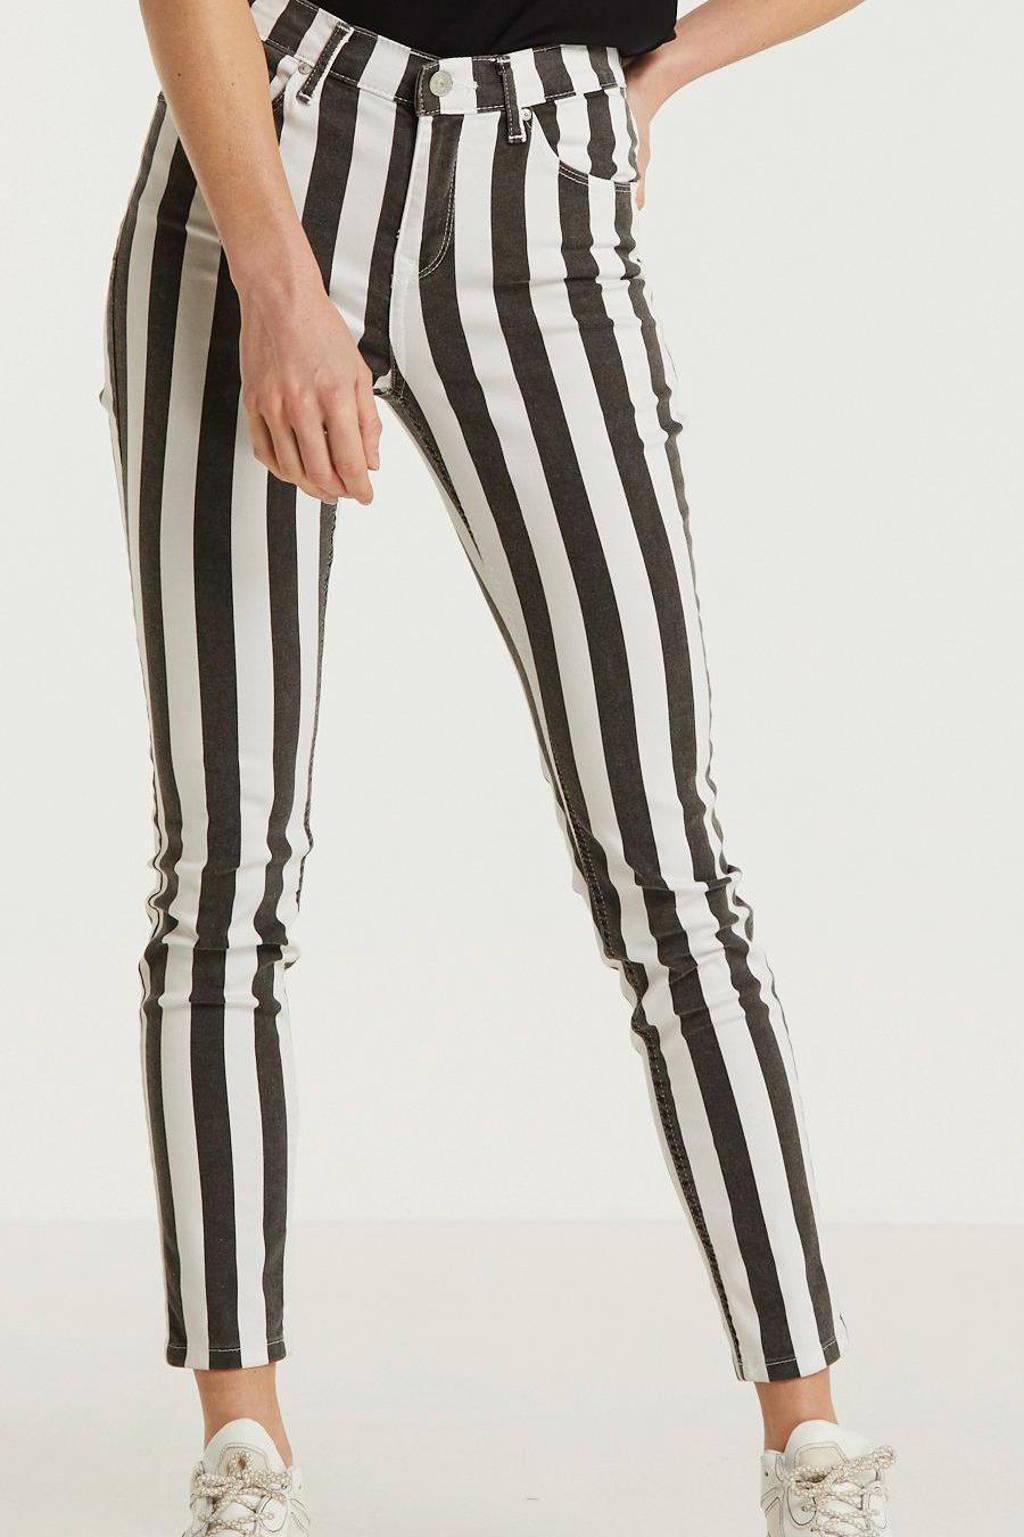 Goede LTB gestreepte high waist skinny broek Tanya X zwart/wit   wehkamp QI-68